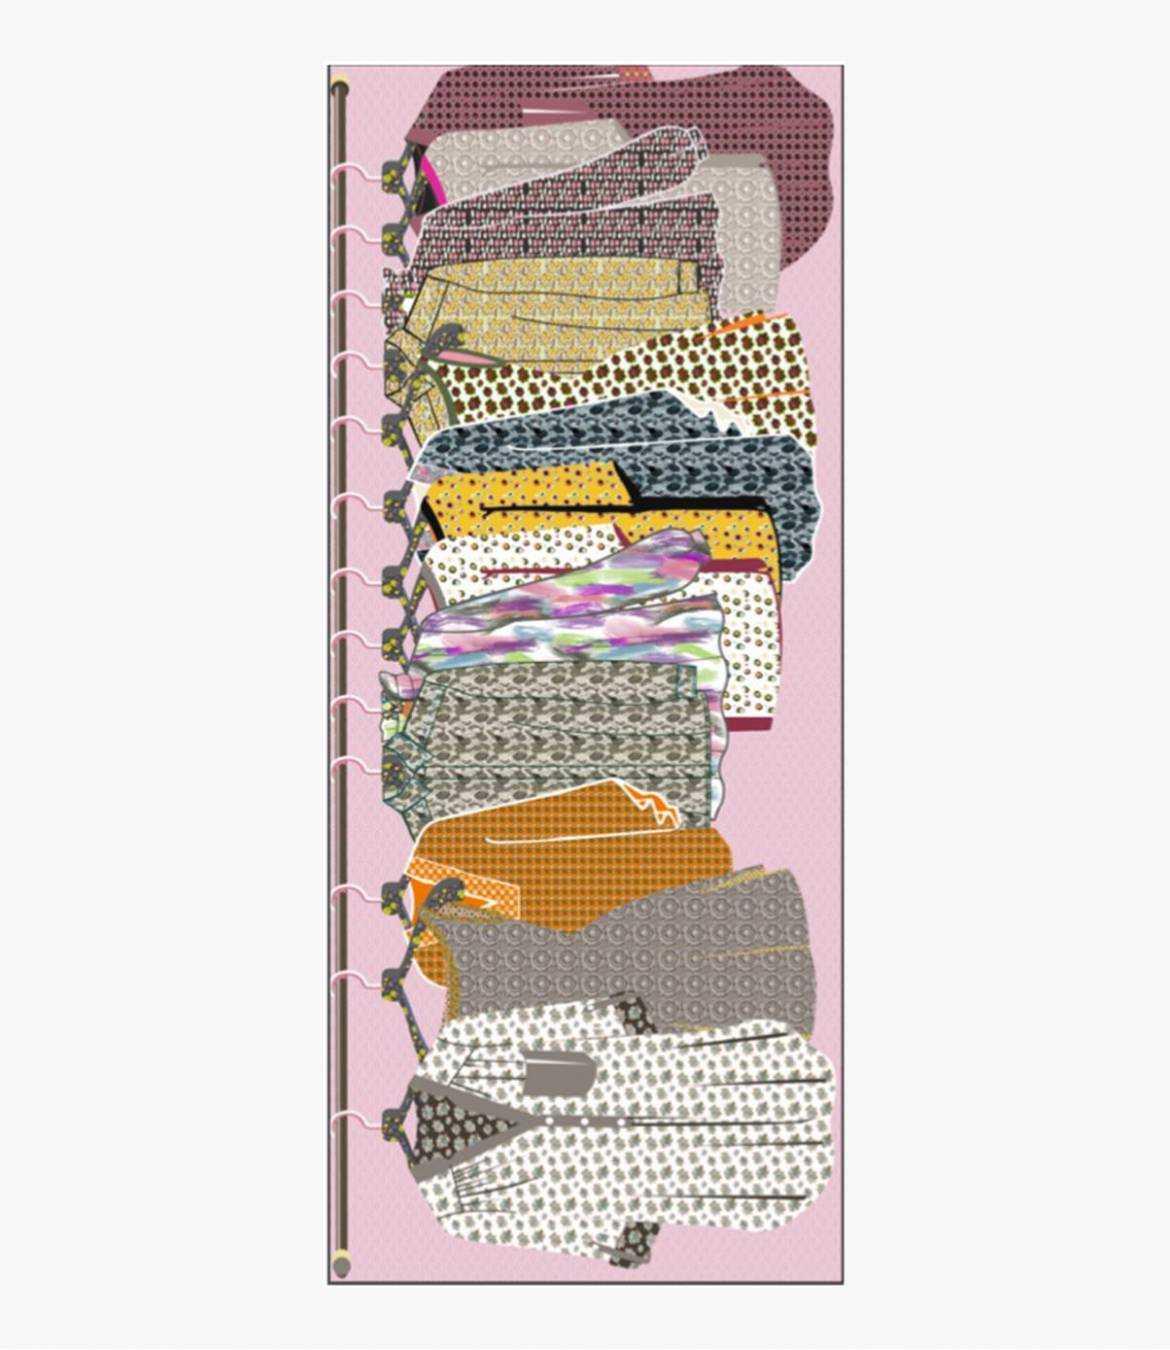 LADY Foulard en Coton, Modal, Lin pour Femme 80x180 cm Storiatipic - 1